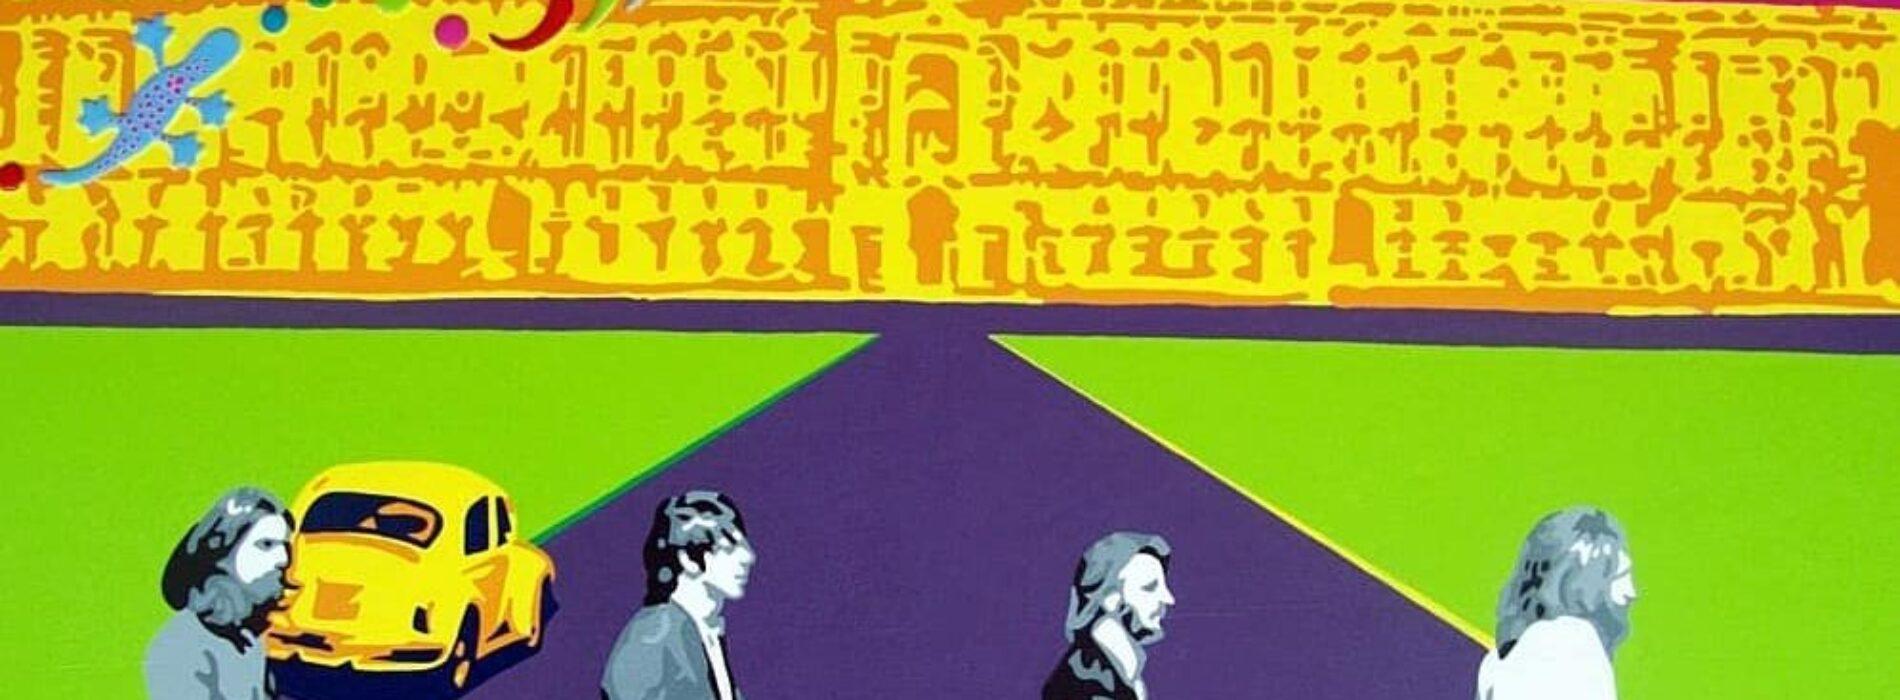 Lennon a spasso davanti alla Reggia, omaggio pop di Vaccaro